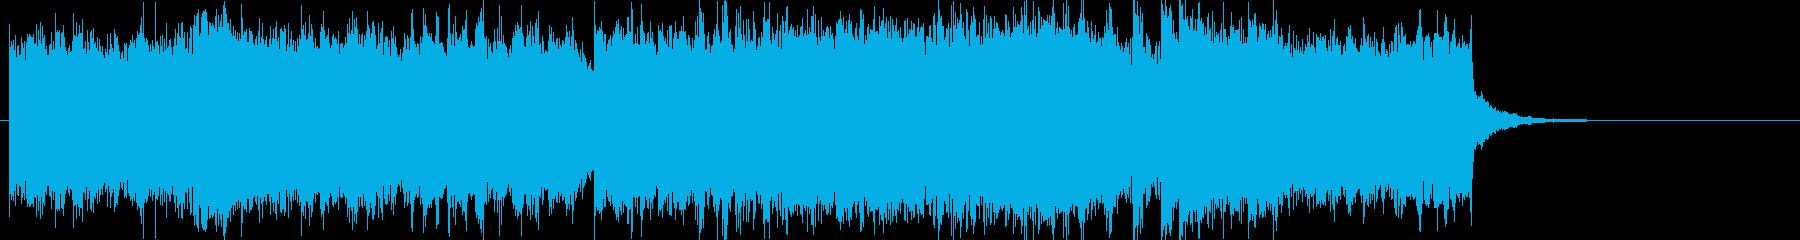 レトロなヒーローのオープニングジングルbの再生済みの波形